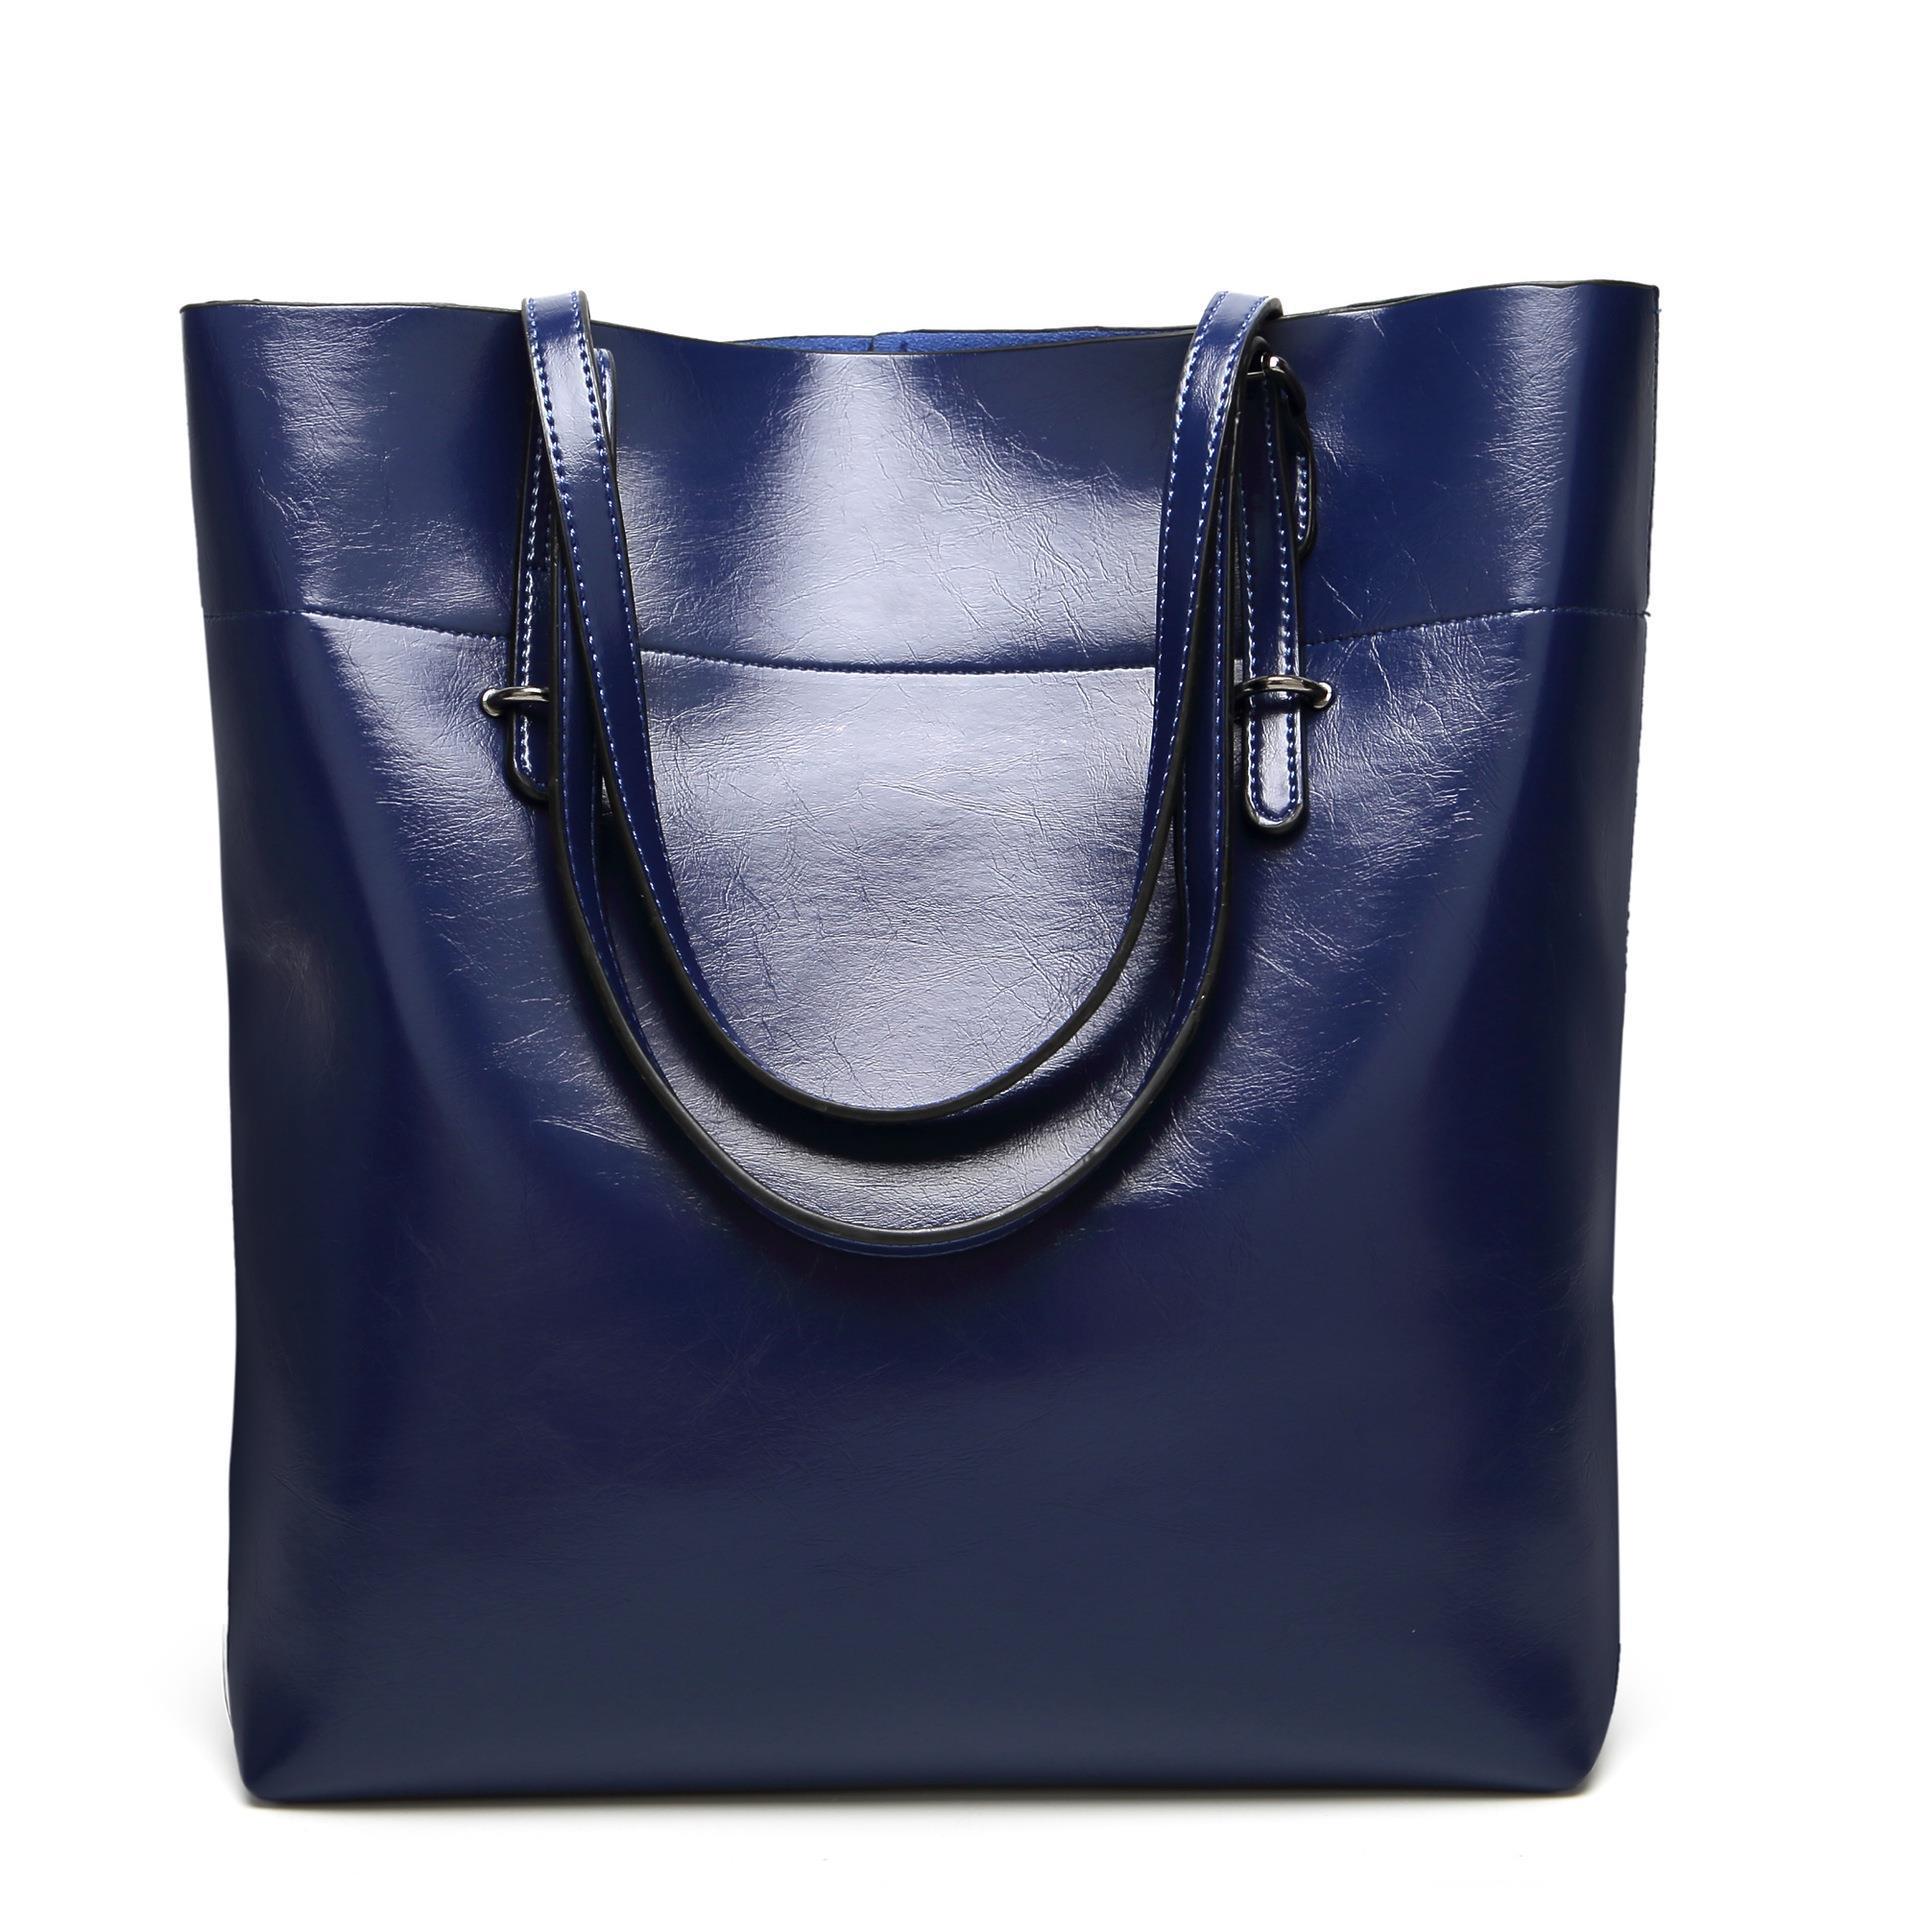 HBP Ramper female bag new women's bag fashion simple capacity summer women's Tote bag big casual shoulder bags